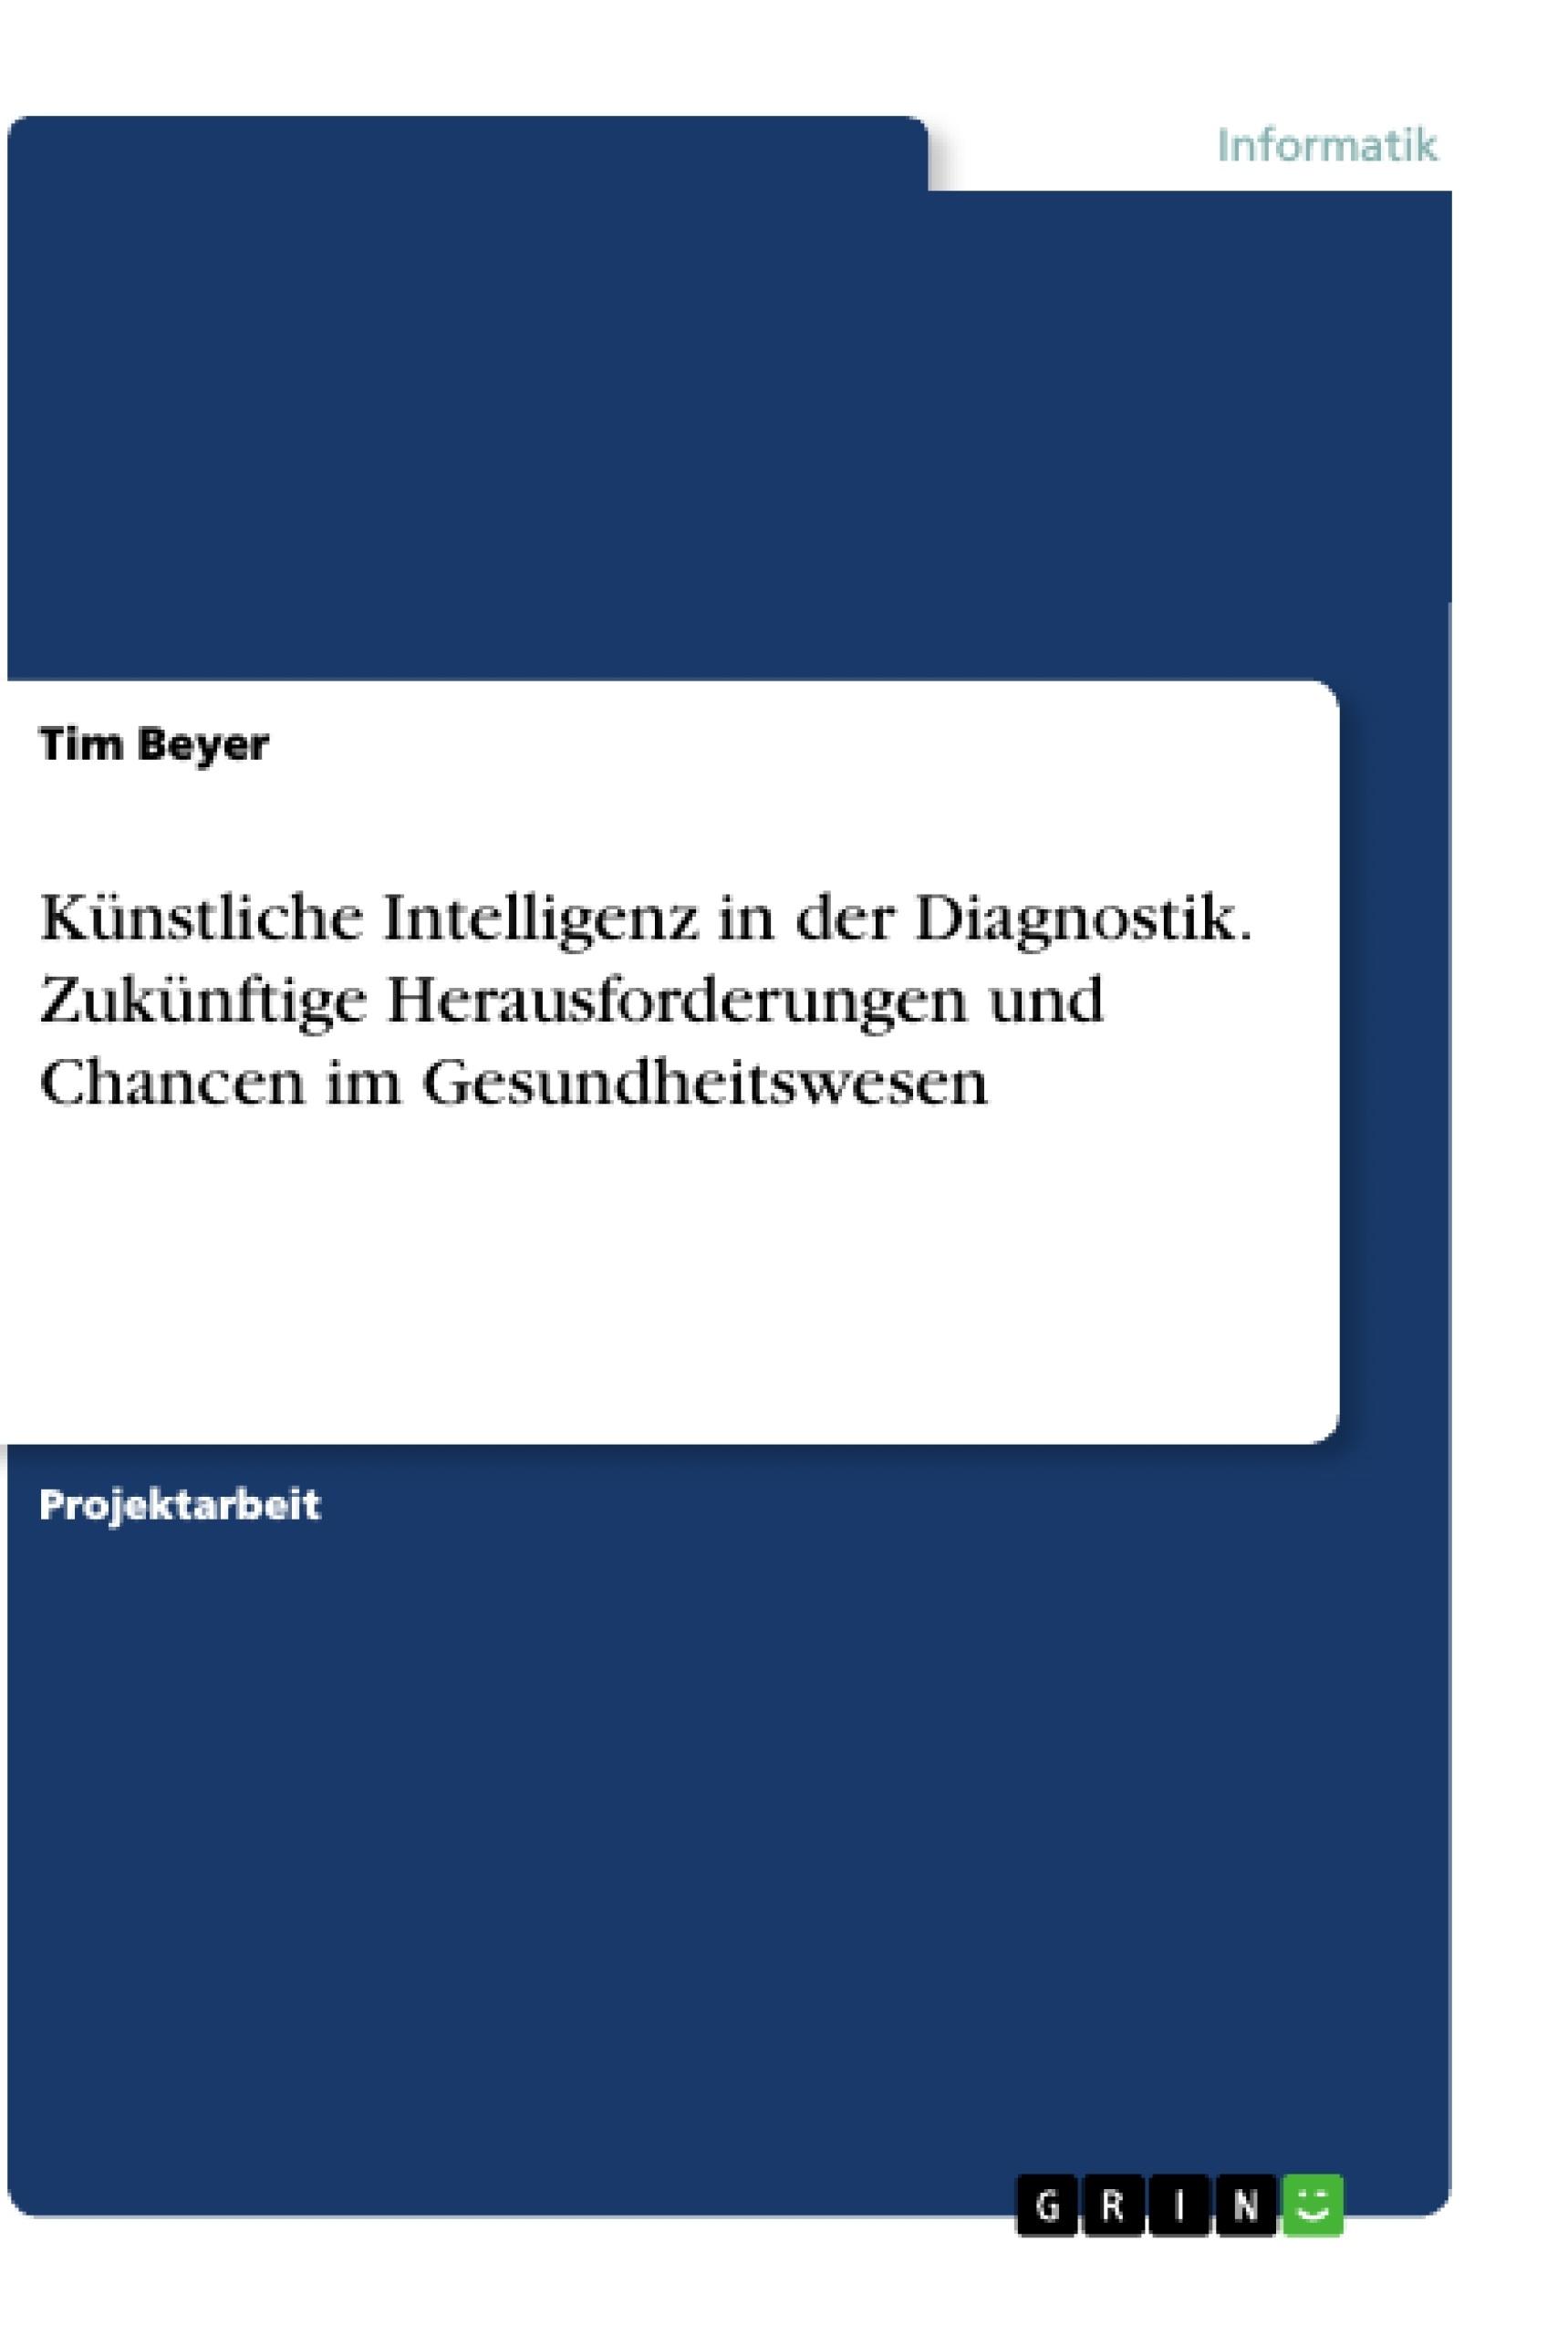 Titel: Künstliche Intelligenz in der Diagnostik. Zukünftige Herausforderungen und Chancen im Gesundheitswesen